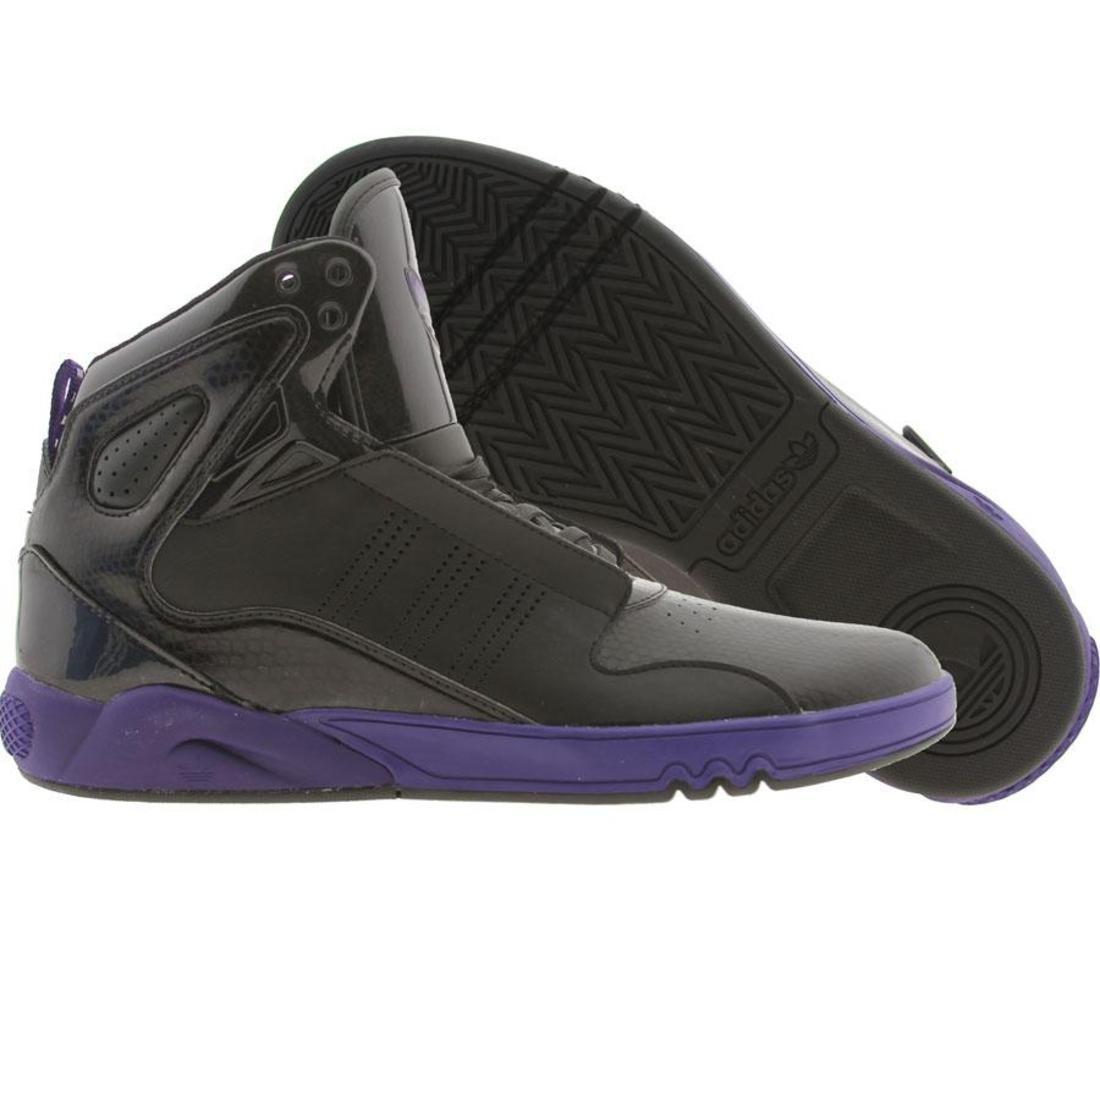 【海外限定】アディダス ミッド 黒 ブラック 2.0 スニーカー メンズ靴 【 ADIDAS BLACK ROUNDHOUSE MID PURPLE 】